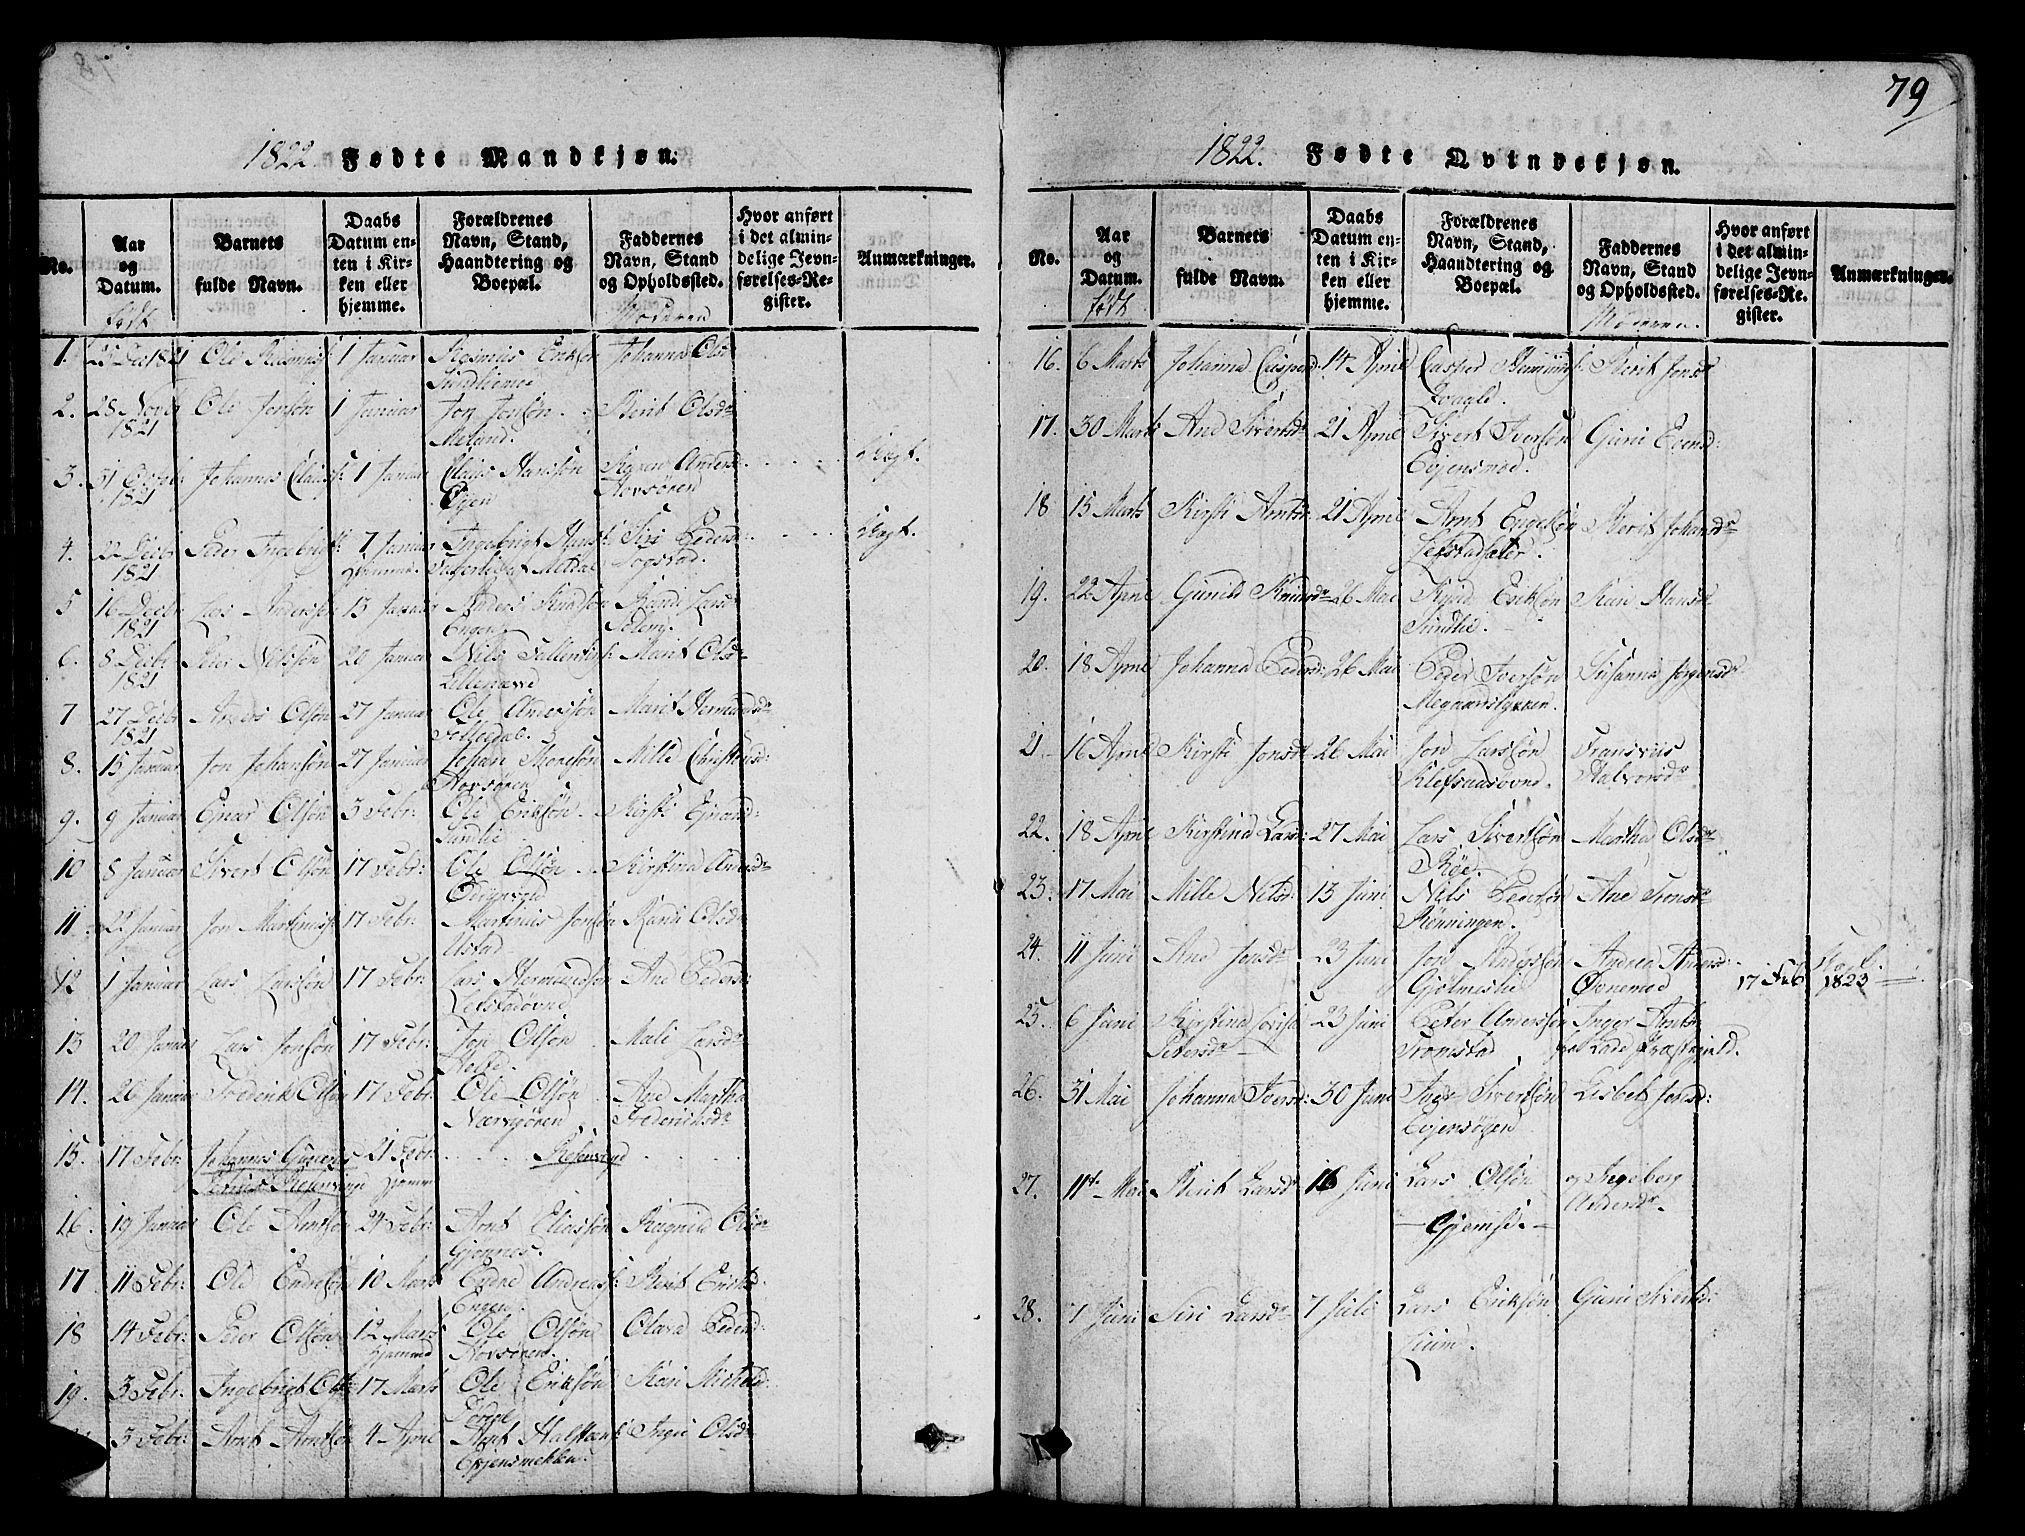 SAT, Ministerialprotokoller, klokkerbøker og fødselsregistre - Sør-Trøndelag, 668/L0803: Ministerialbok nr. 668A03, 1800-1826, s. 79